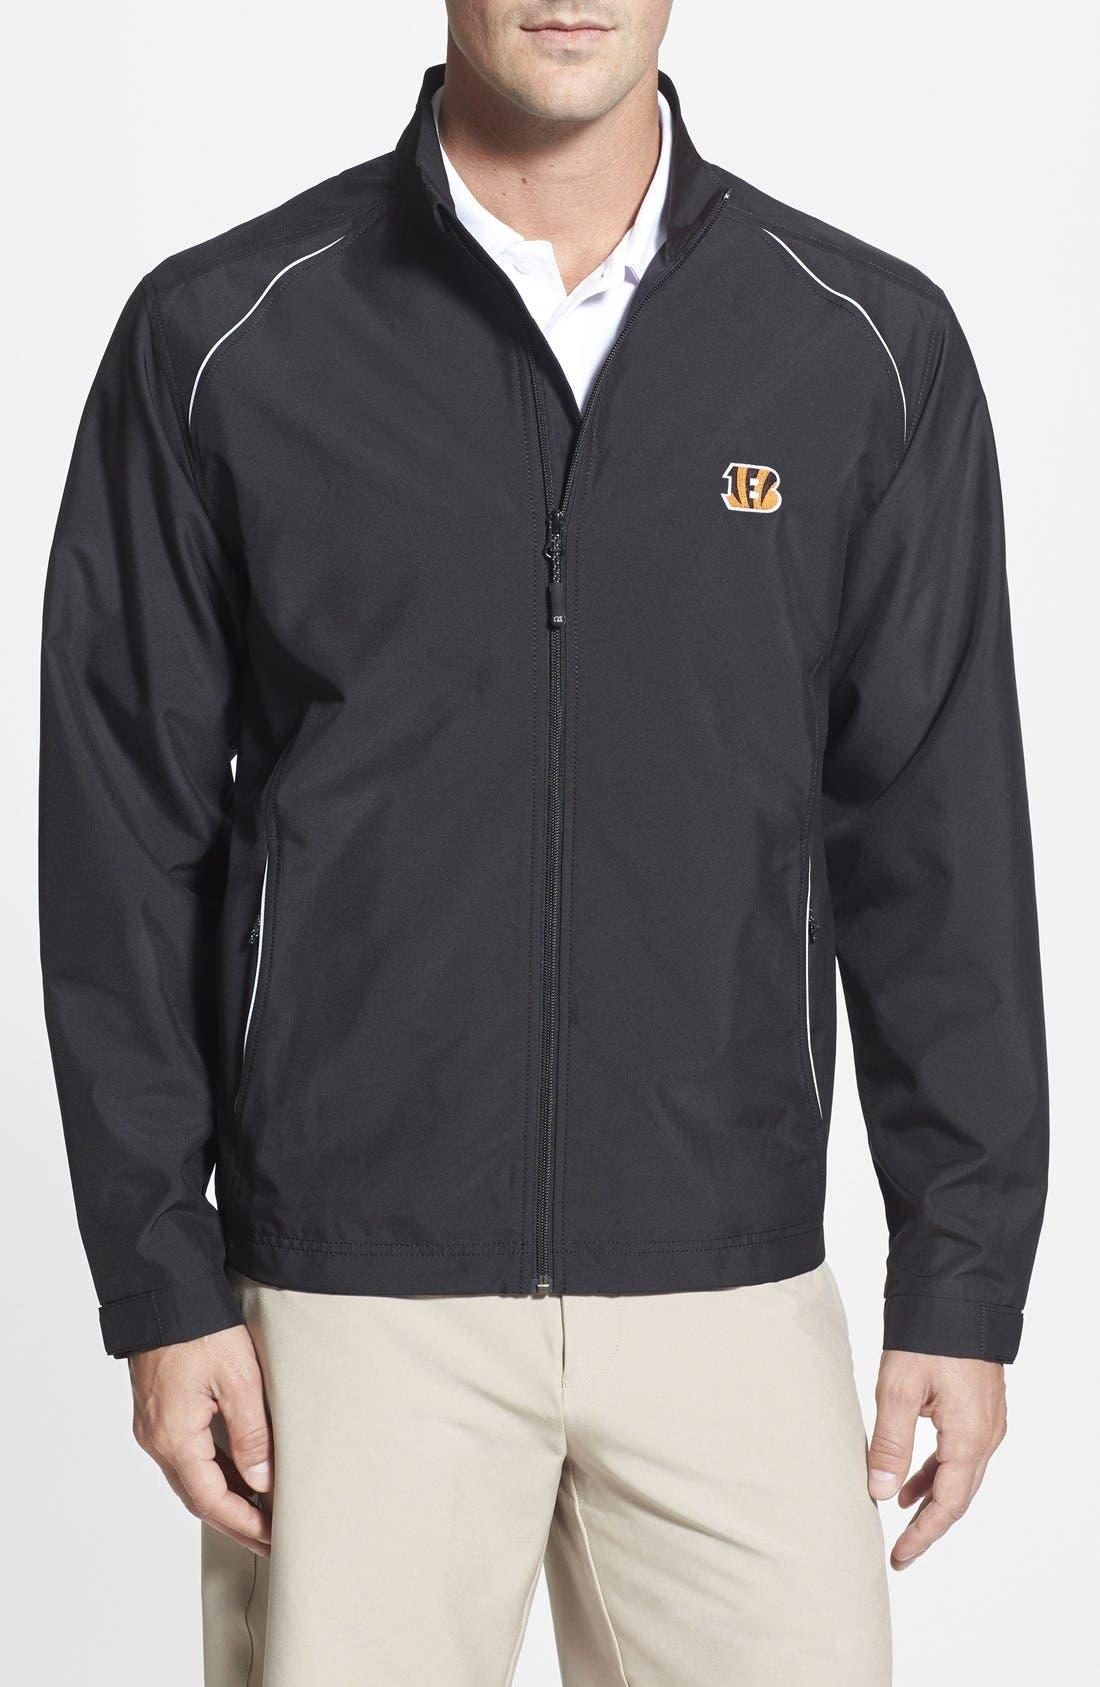 Cincinnati Bengals - Beacon WeatherTec Wind & Water Resistant Jacket,                         Main,                         color, Black